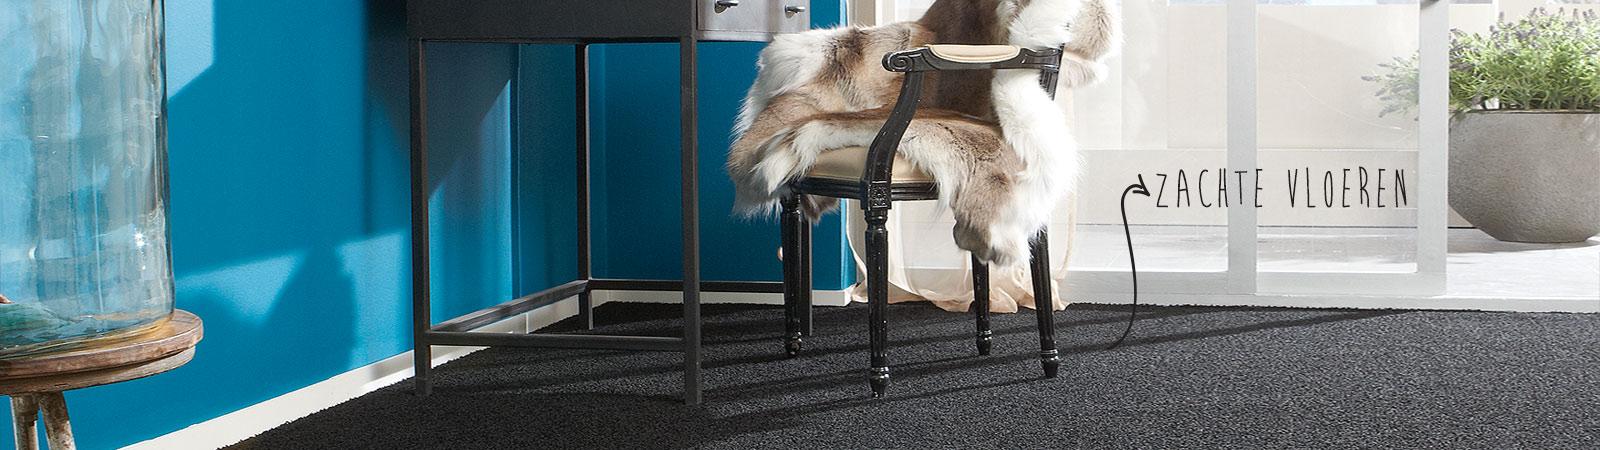 Zachte vloeren zoals tapijt, karpetten, tapijttegels en projecttapijt van Brabant Tapijt uit Eindhoven